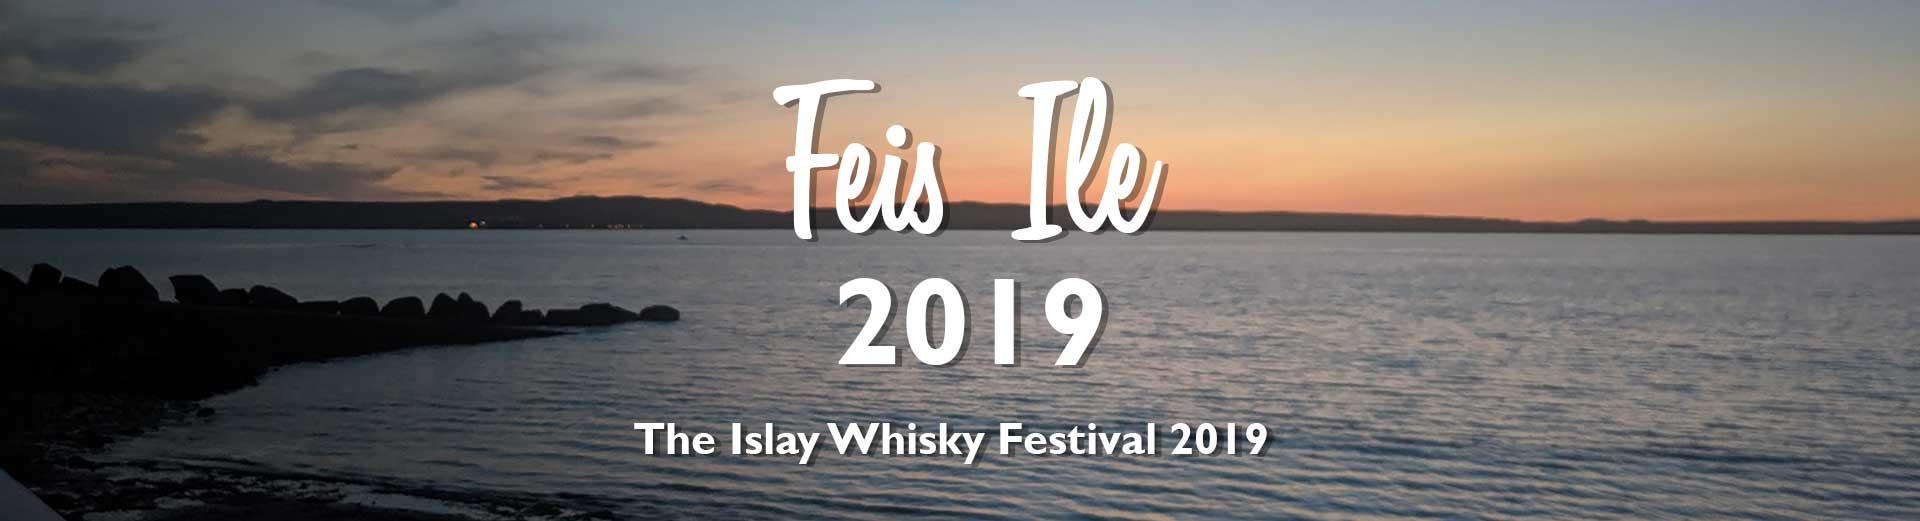 Feis Ile 2019